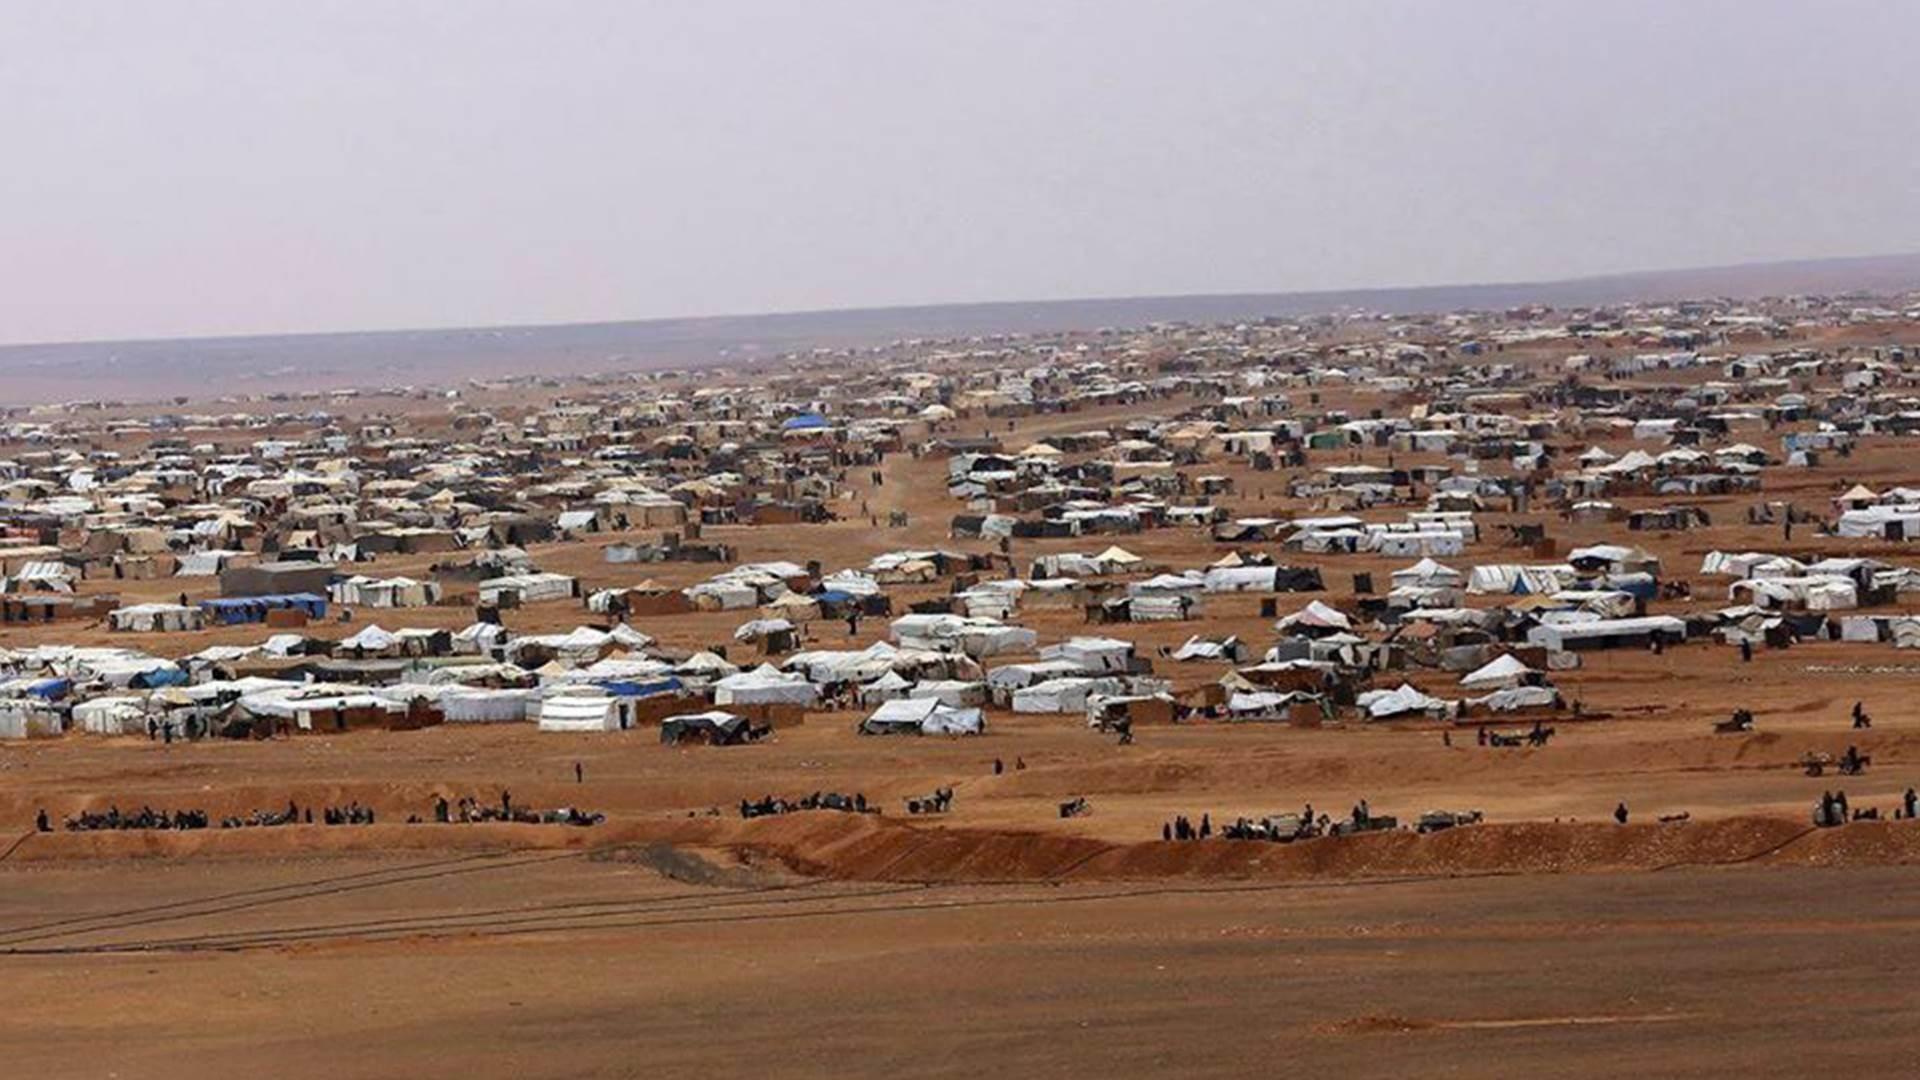 يقع مخيم الركبان الخاضع للسيطرة الأميركية قرب قاعدة التنف شرق سوريا، ويعيش فيه نحو 30 ألف سوري